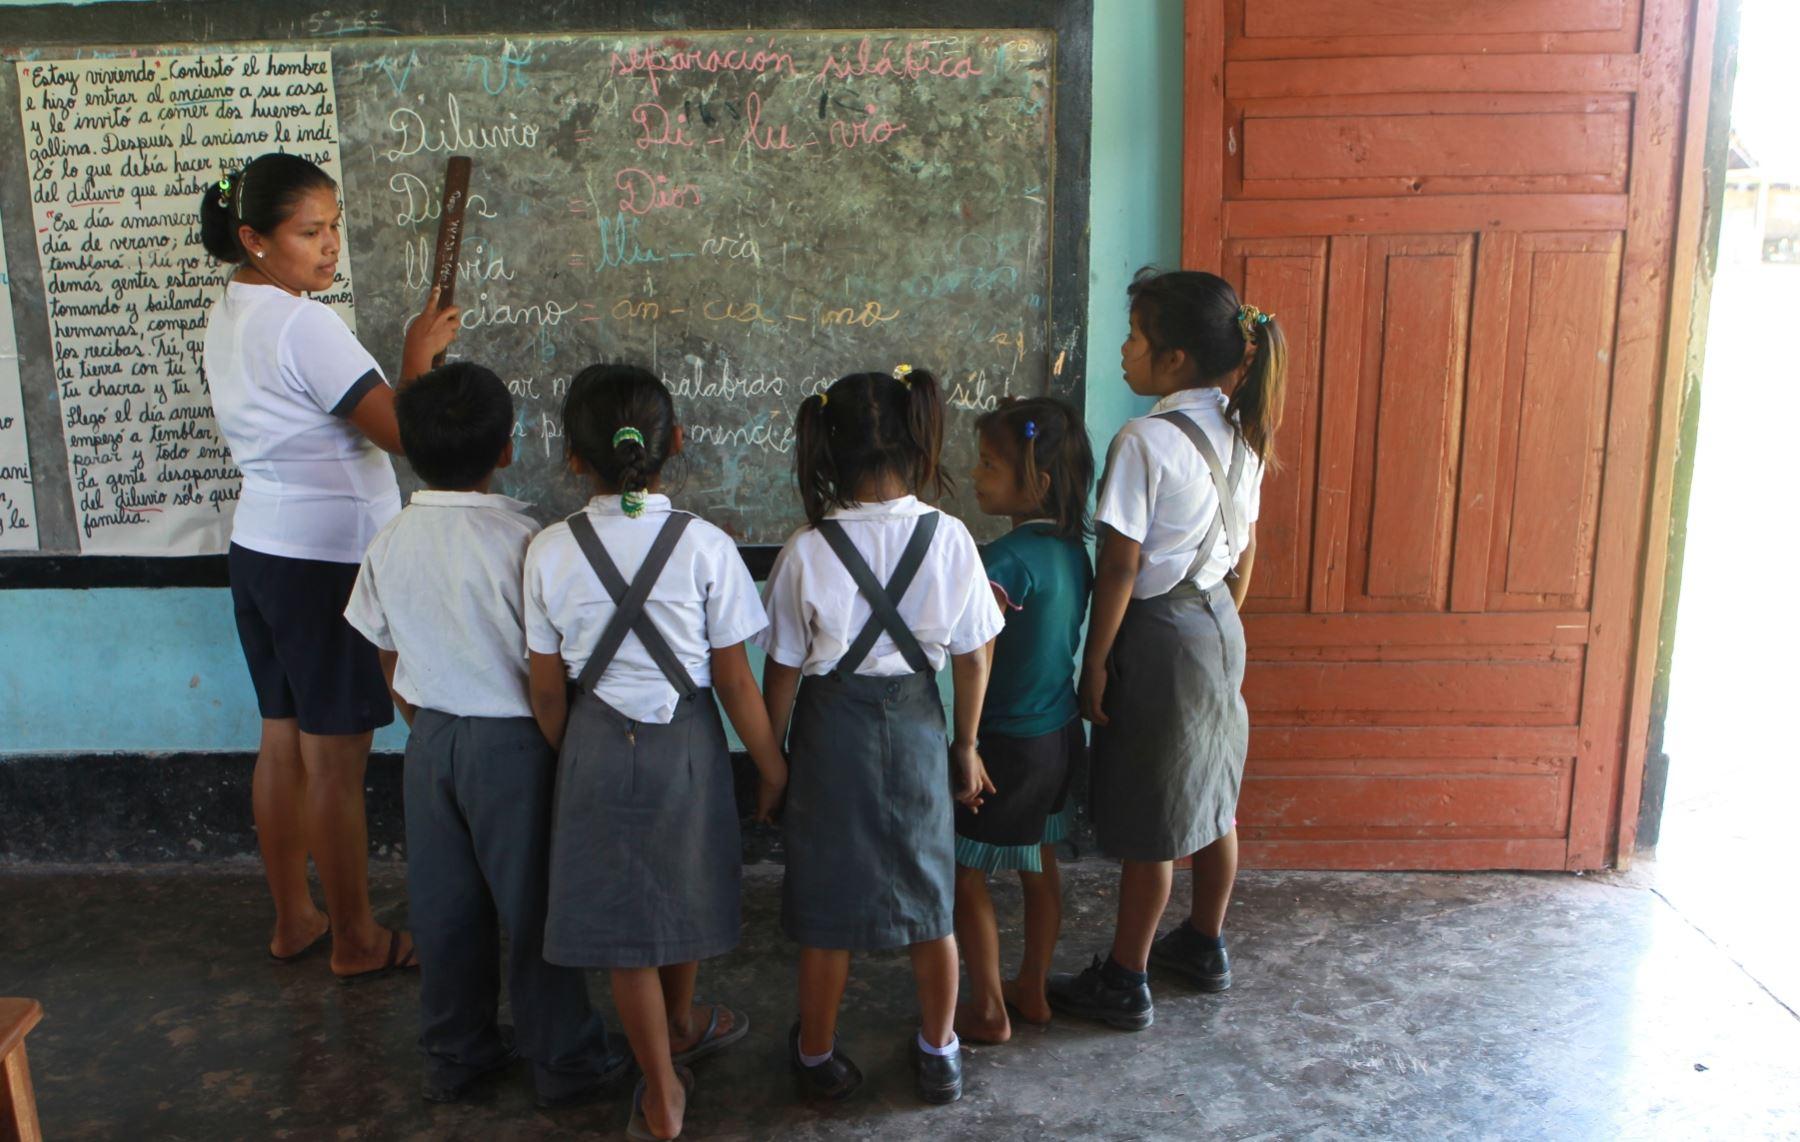 El Plan Selva contempla la construcción de escuelas con infraestructura adecuada en las zonas de selva. ANDINA/Archivo